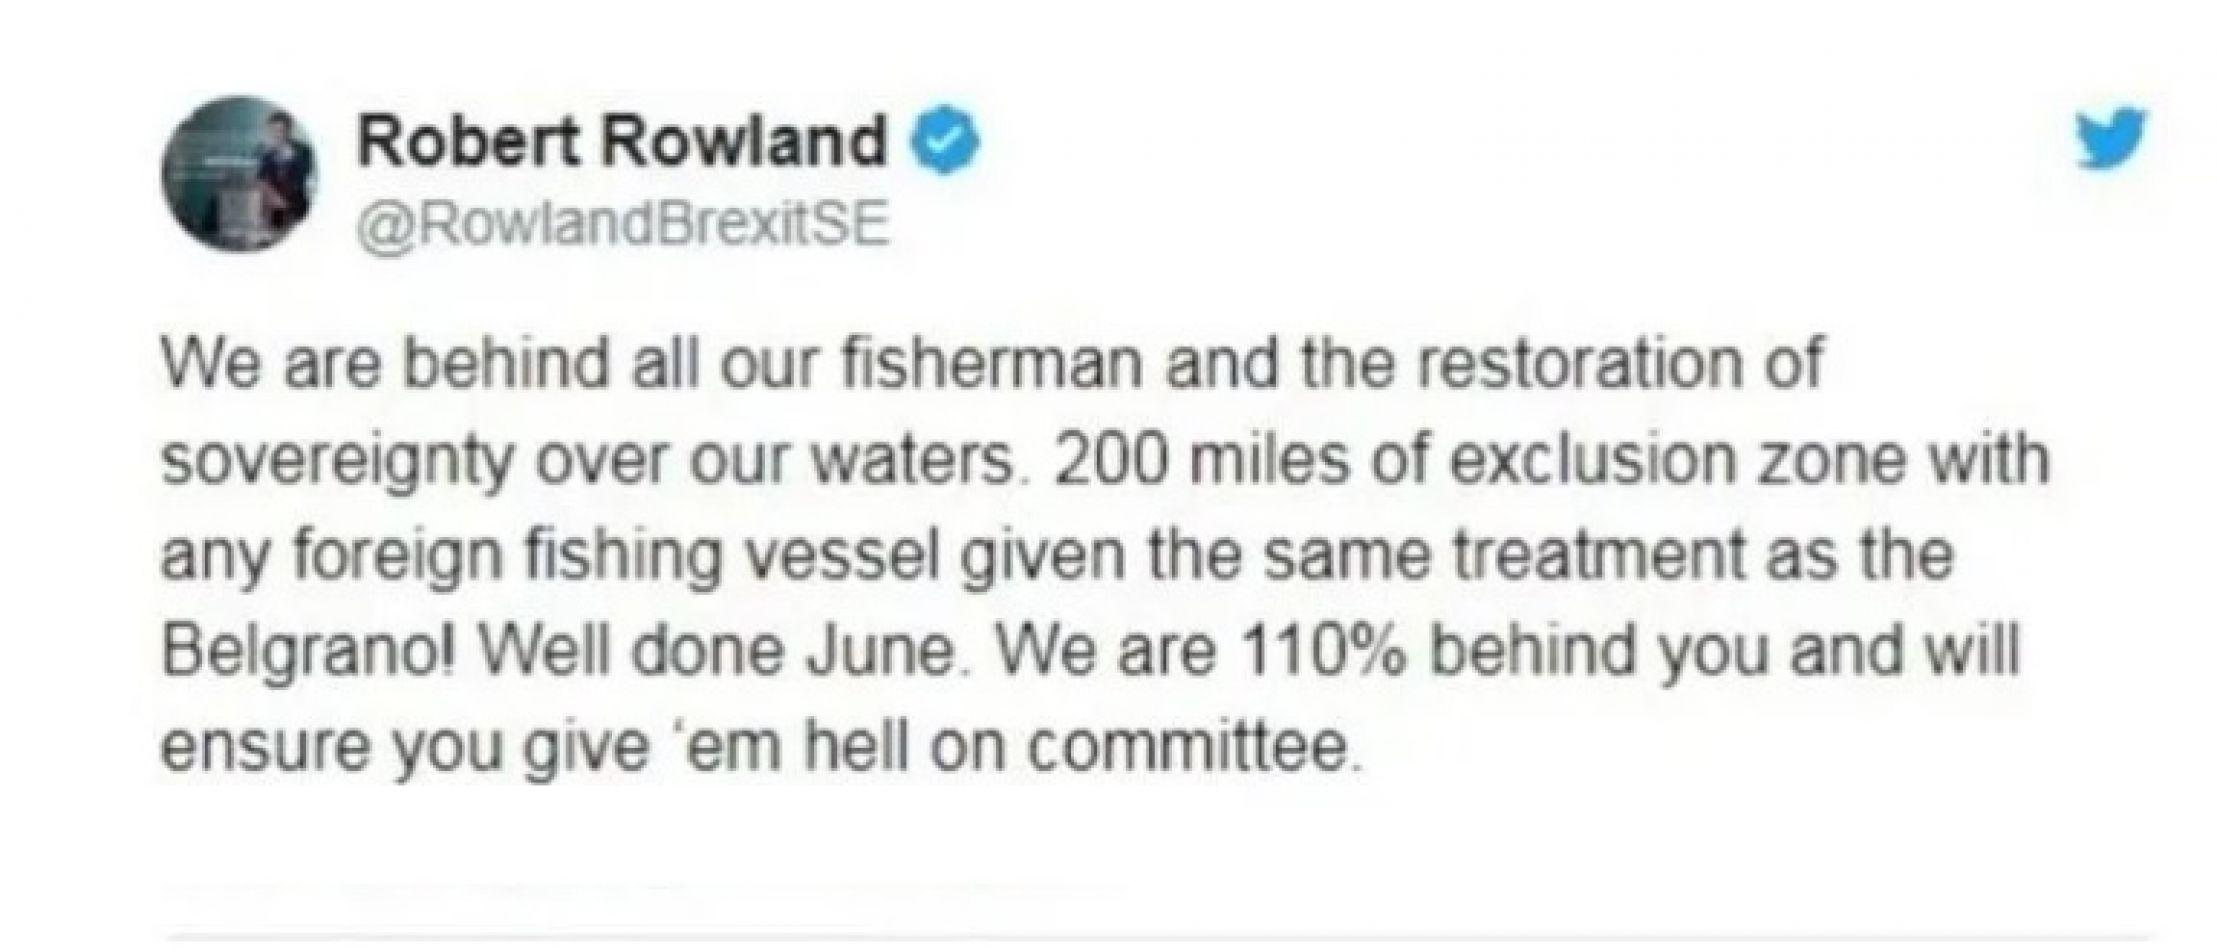 El Gobierno argentino condena enérgicamente las lamentables declaraciones del eurodiputado británico Robert Rowland.